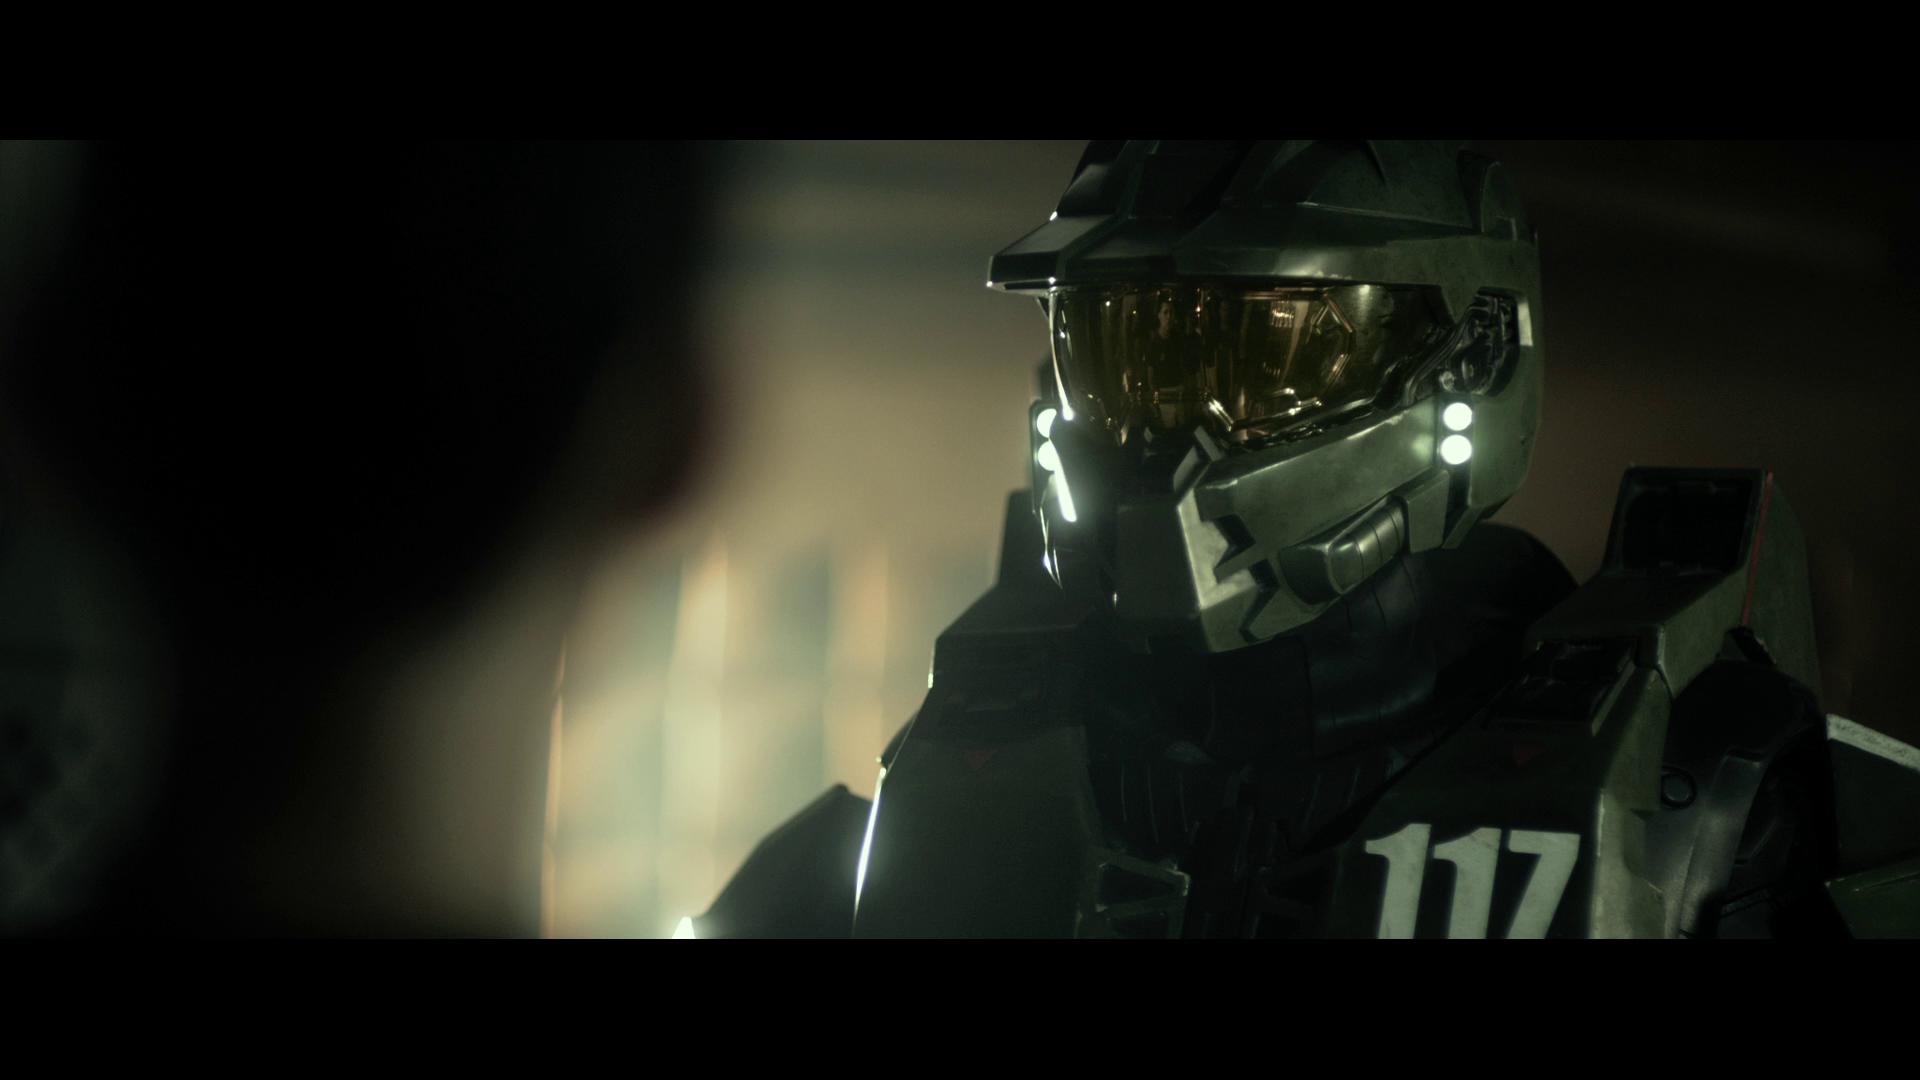 Halo 4 Quotes Quotesgram: Master Chief Inspirational Quotes. QuotesGram